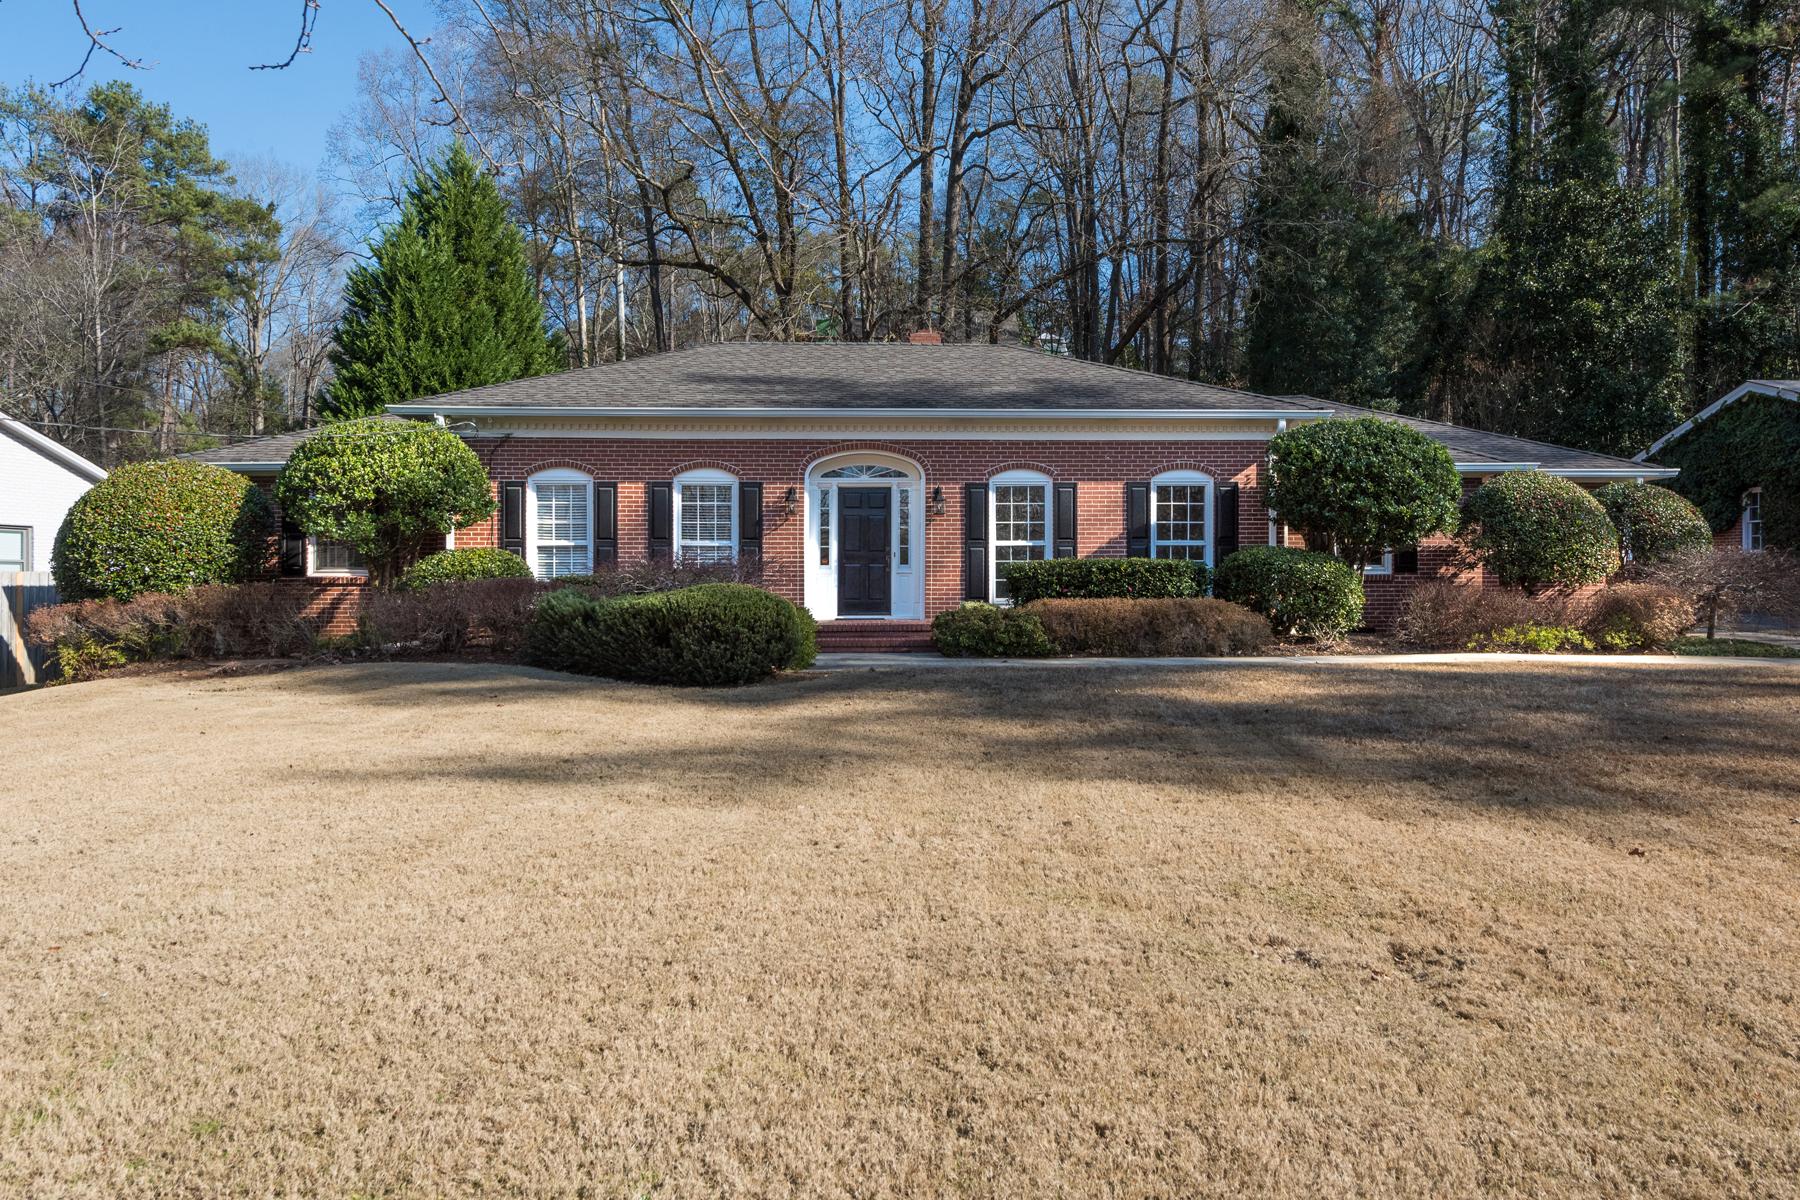 Tek Ailelik Ev için Satış at Fully Renovated Home On Great Flat Lot 4225 Lake Forrest Drive NE Atlanta, Georgia, 30342 Amerika Birleşik Devletleri